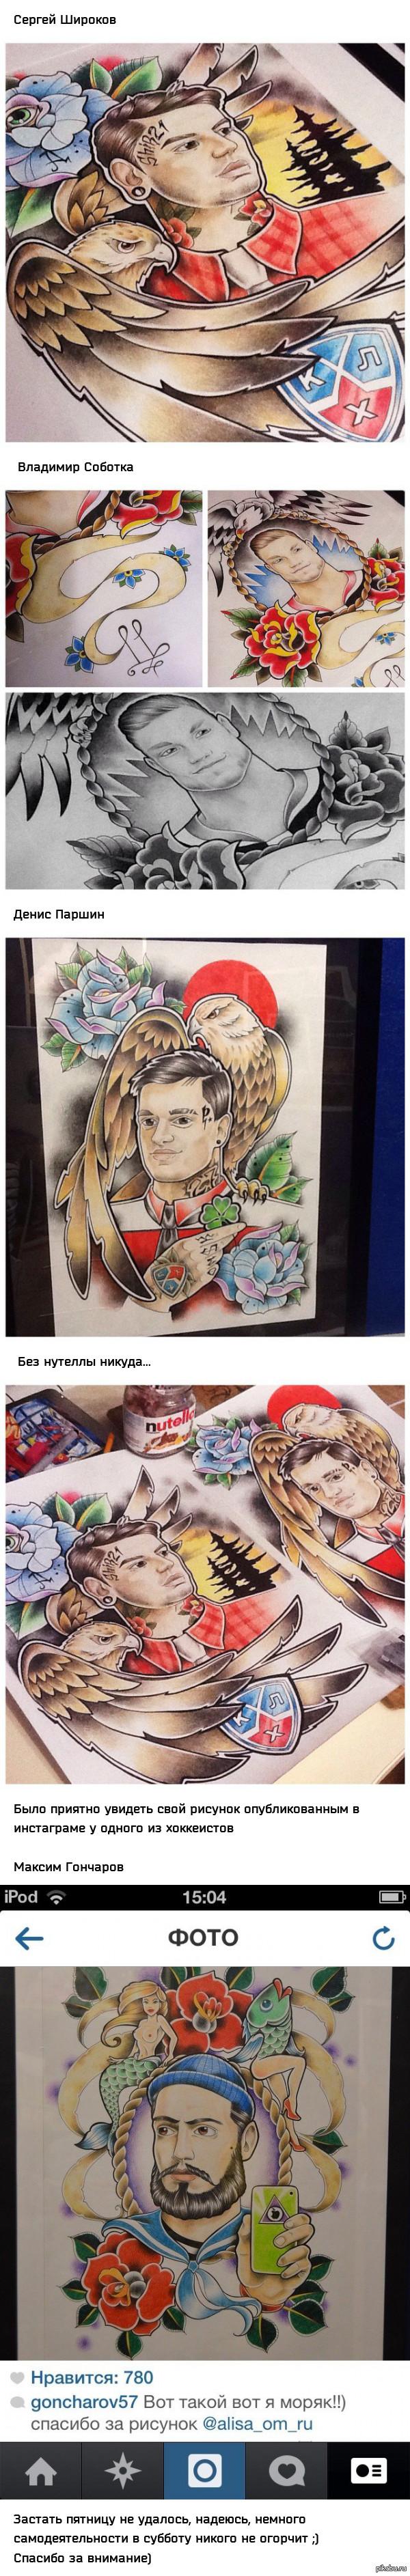 Хоккей сквозь призму татуировок :D Люблю хоккей и свою работу, однажды решила совместить, получились портреты в NewSchool